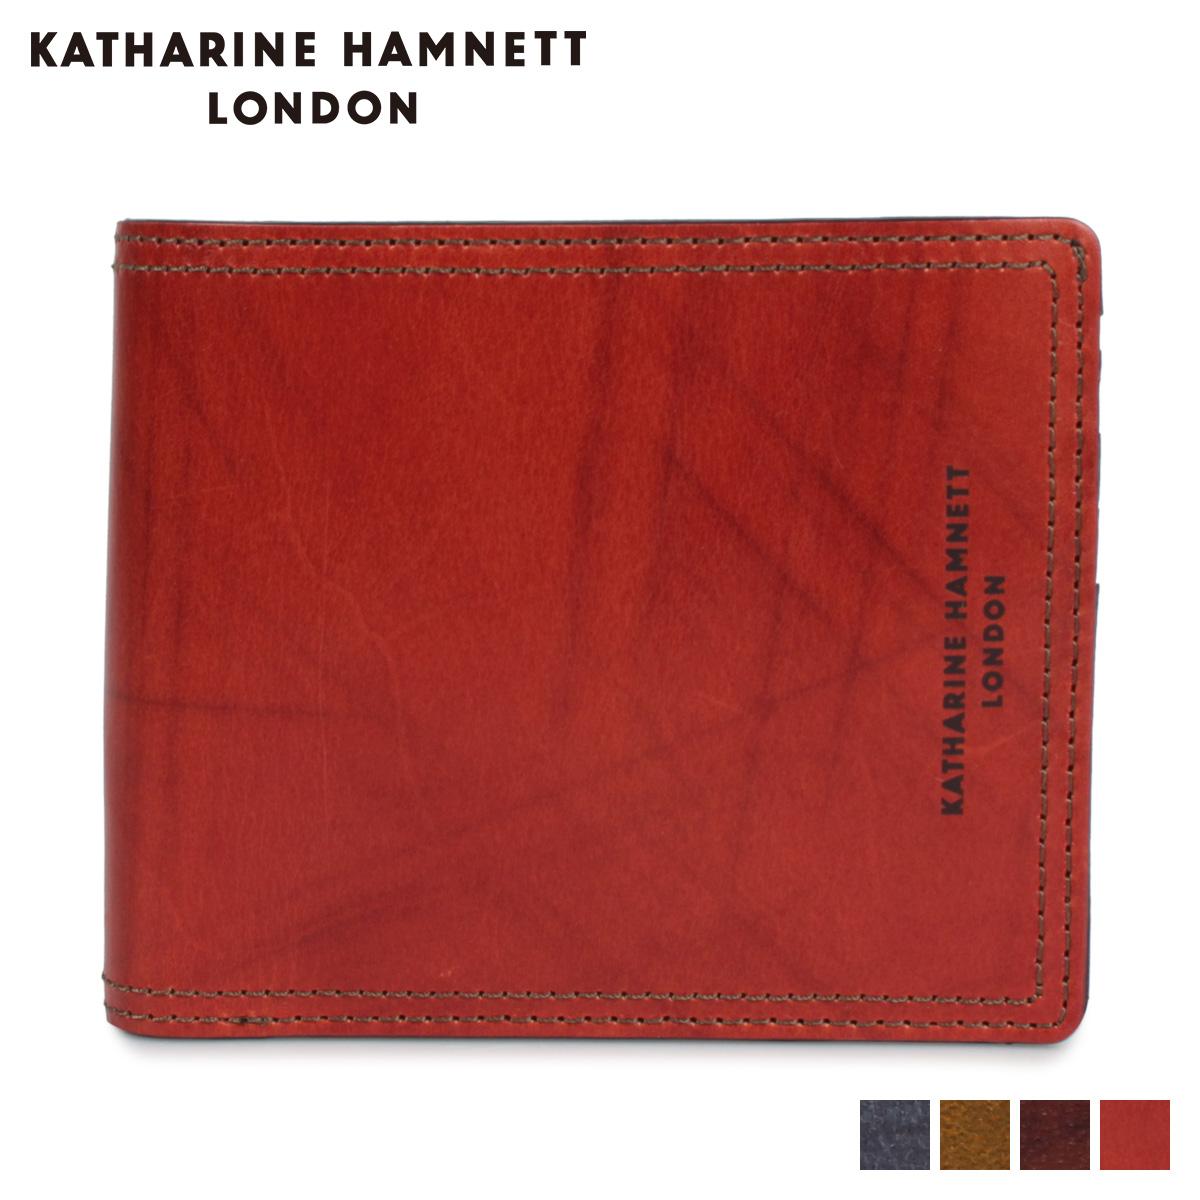 KATHARINE HAMNETT LONDON MINI WALLET キャサリンハムネット ロンドン 財布 二つ折り メンズ ネイビー オリーブ ダークブラウン ブラウン KH-1212015